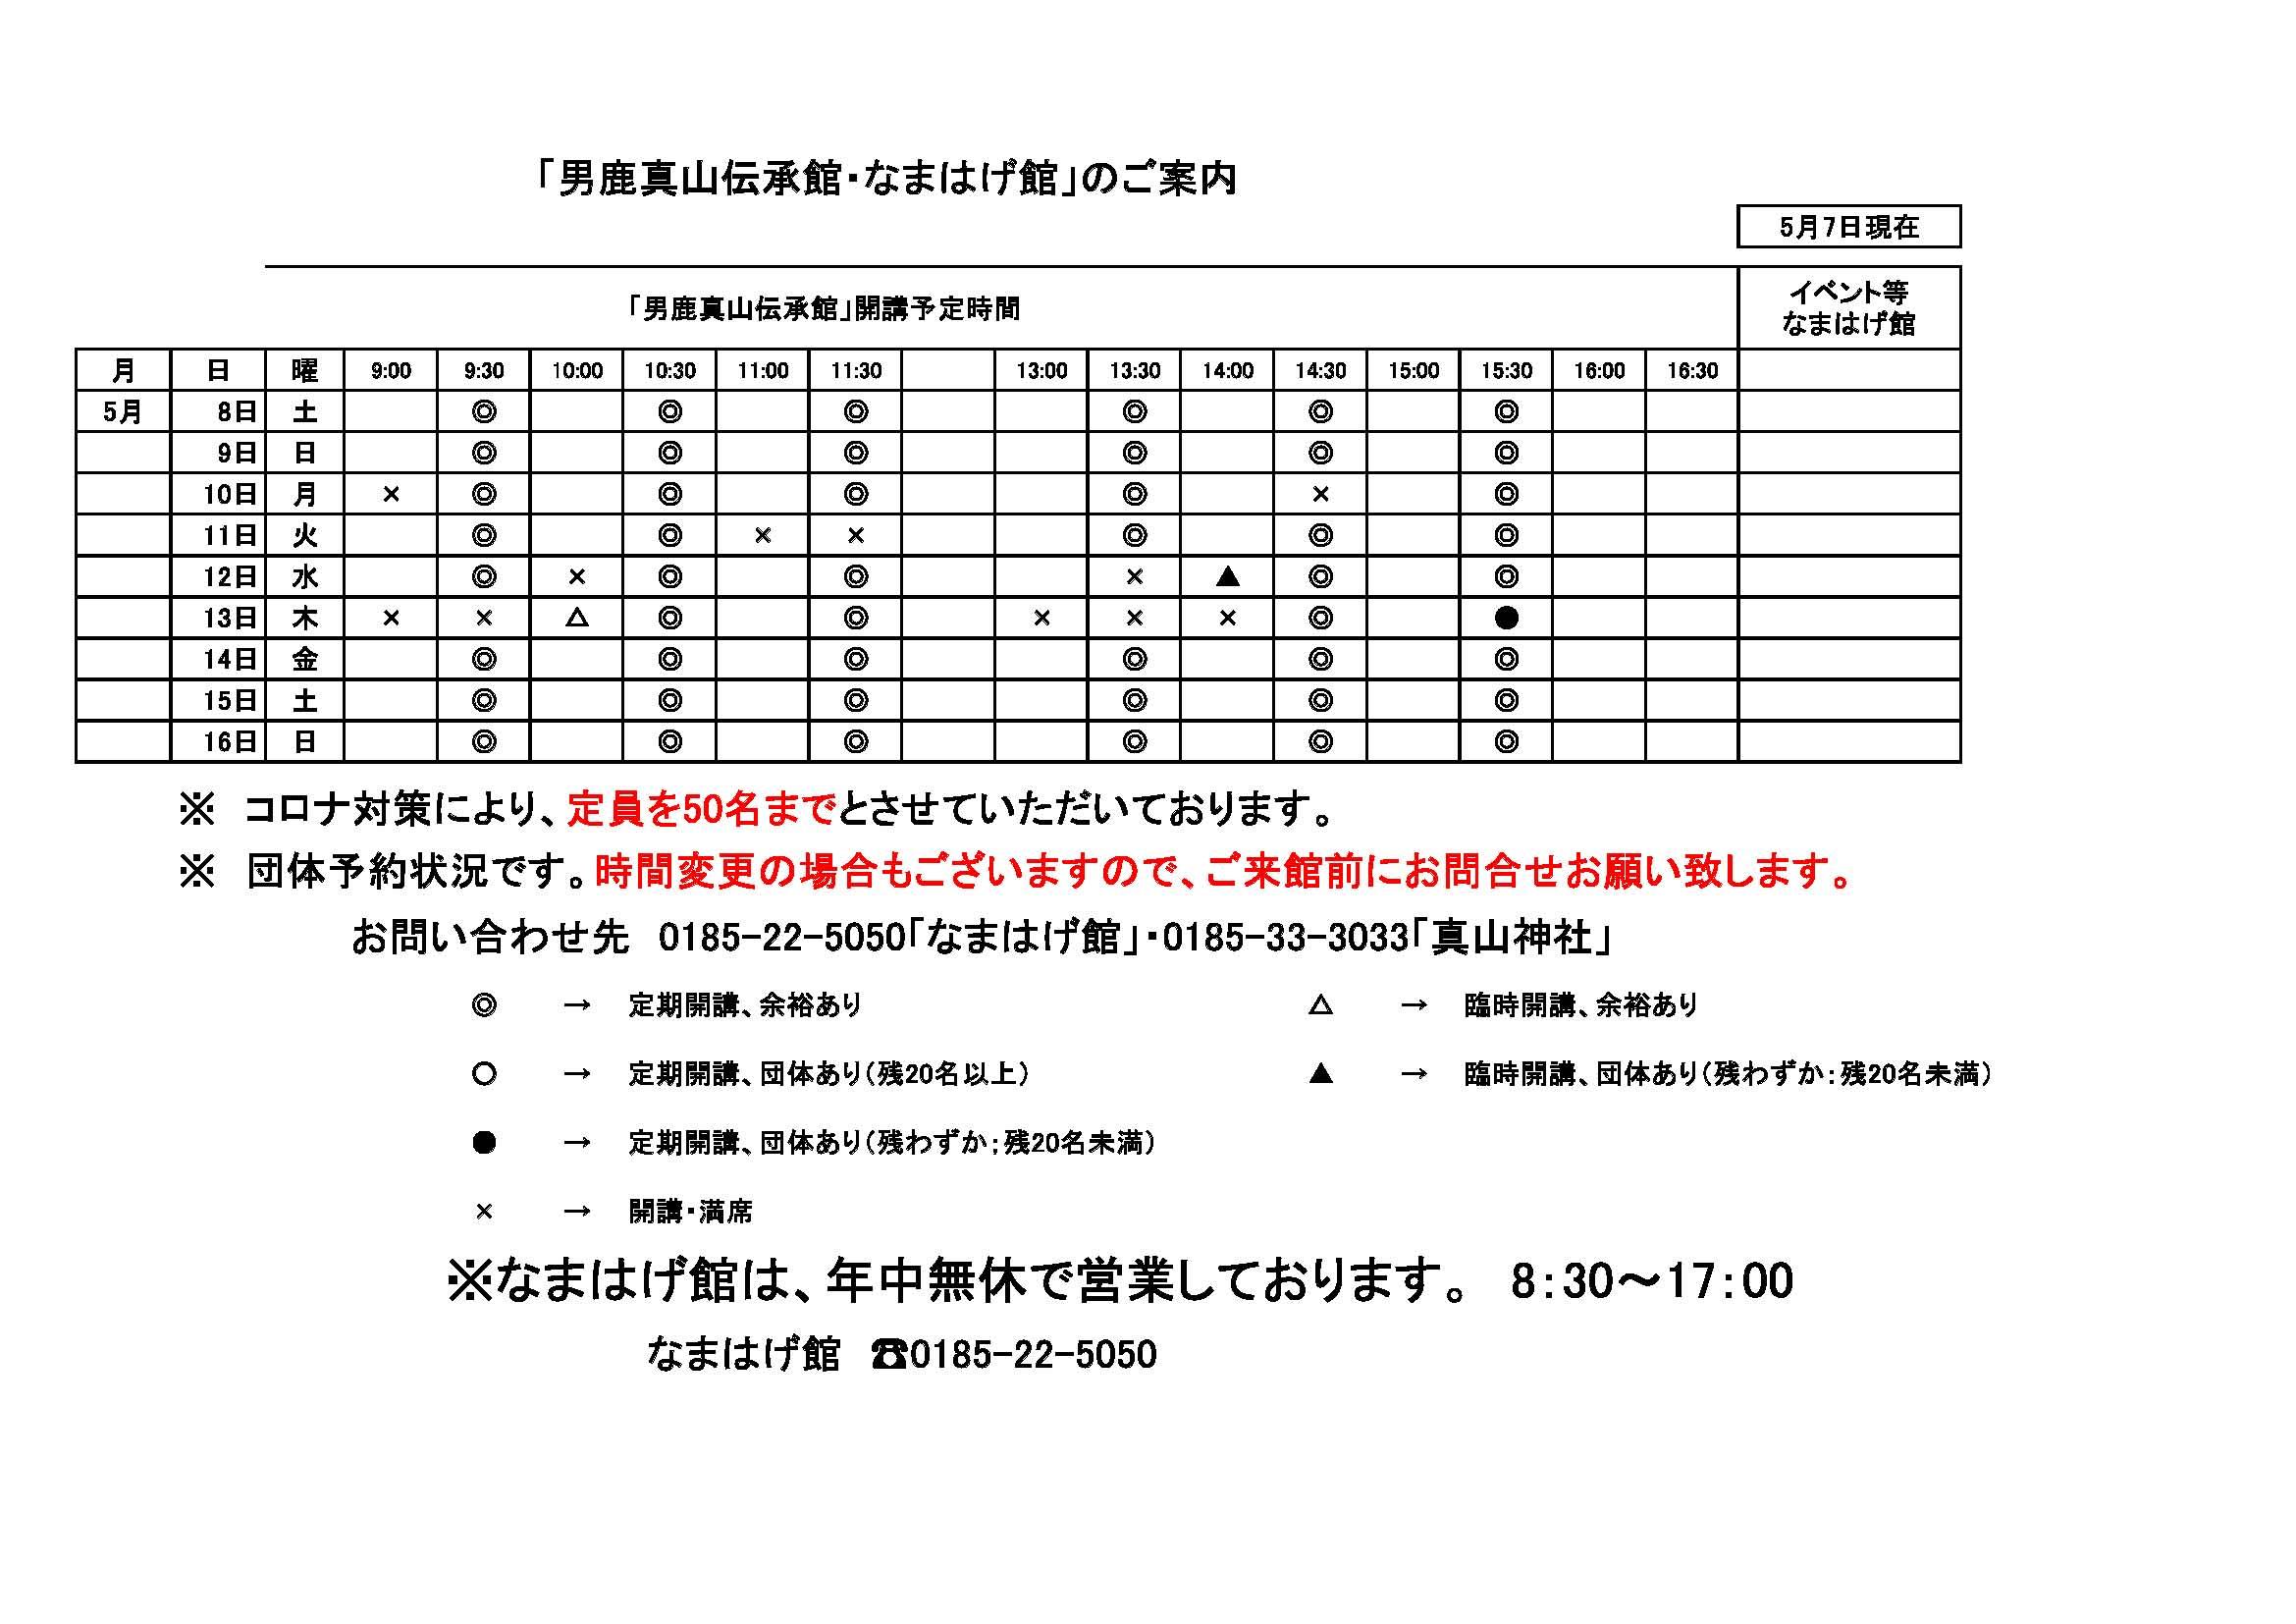 伝承館お知らせ(5月7日改)_ページ_1.jpg